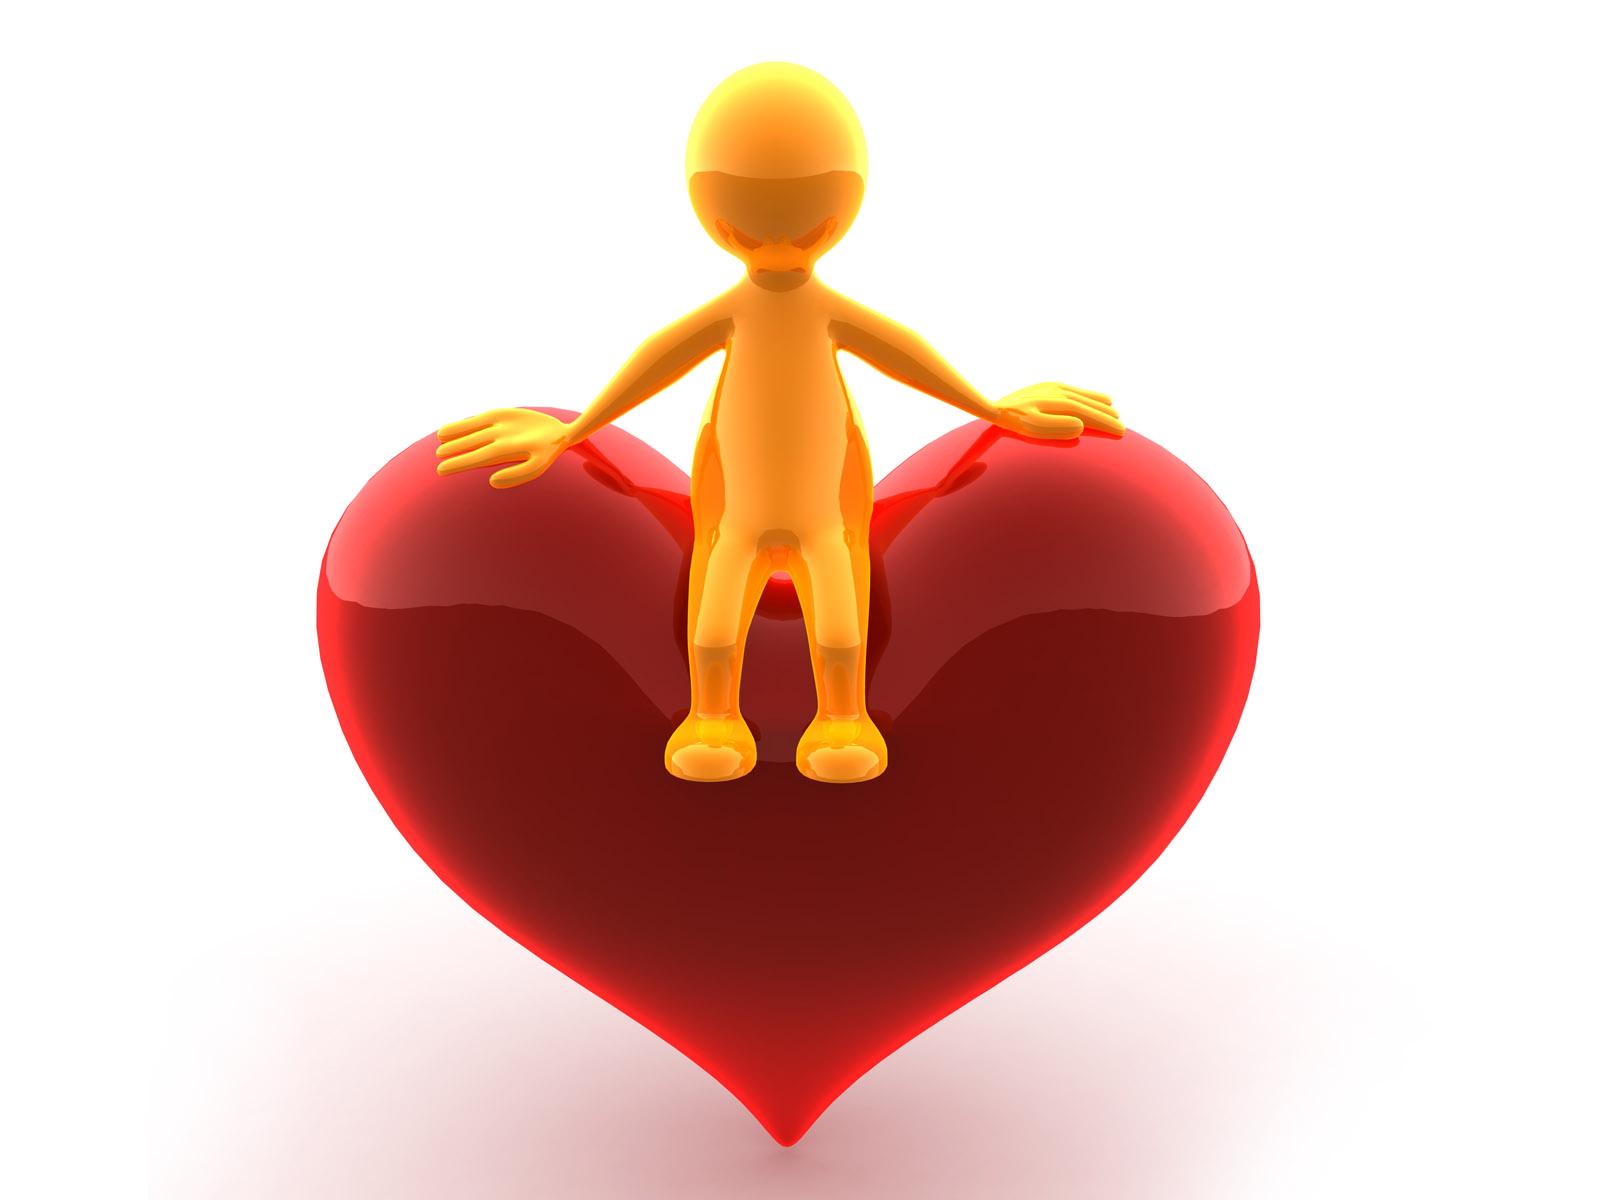 человечек сидит на сердце, скачать фото, обои для рабочего стола, heart wallpaper